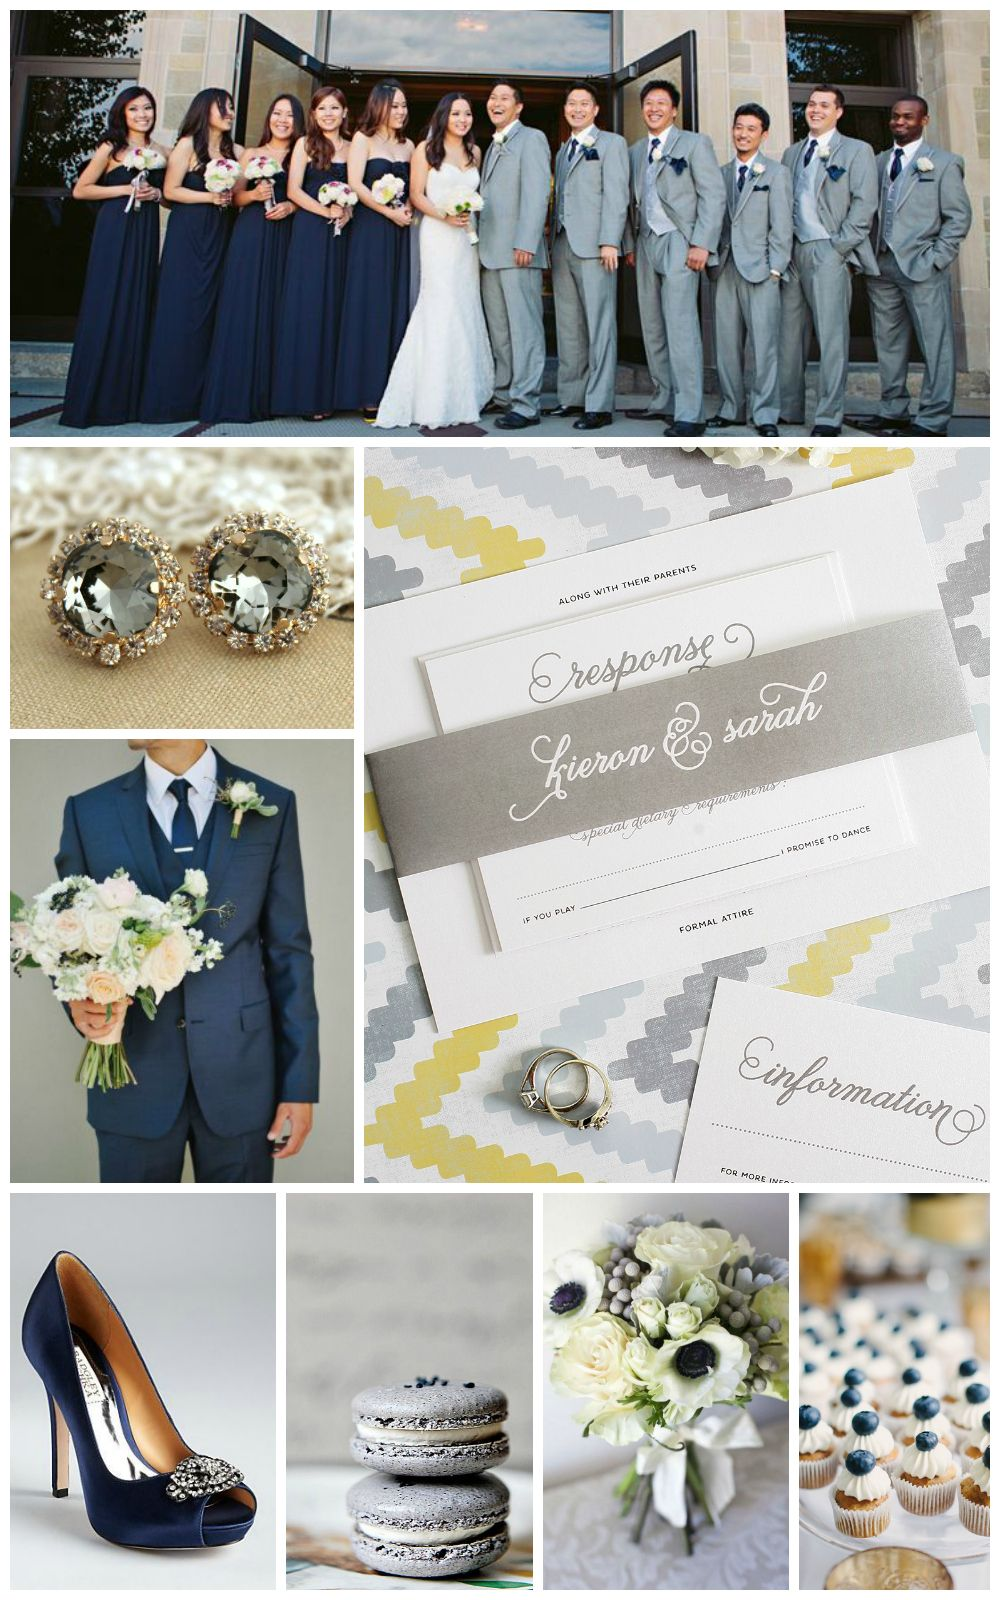 Navy and Gray Wedding Inspiration | Shine wedding invitations, Navy ...